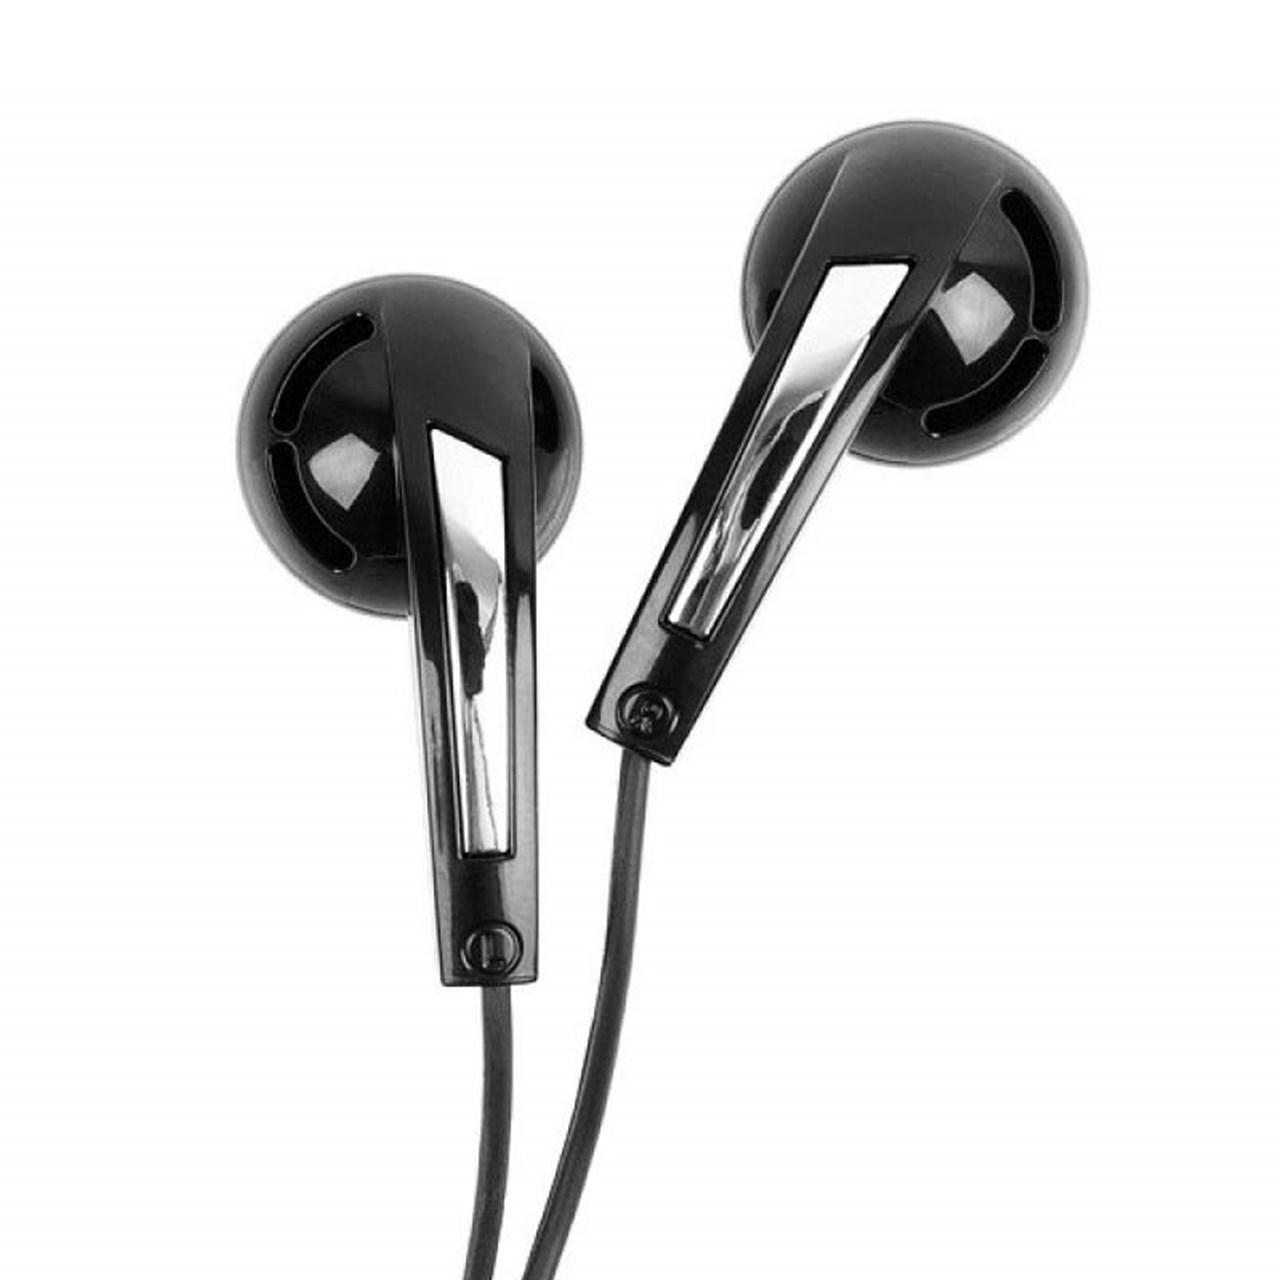 تصویر هدفون ایفورتک S-5-1 Stereo A4TechS-5-1 STEREO Headphone